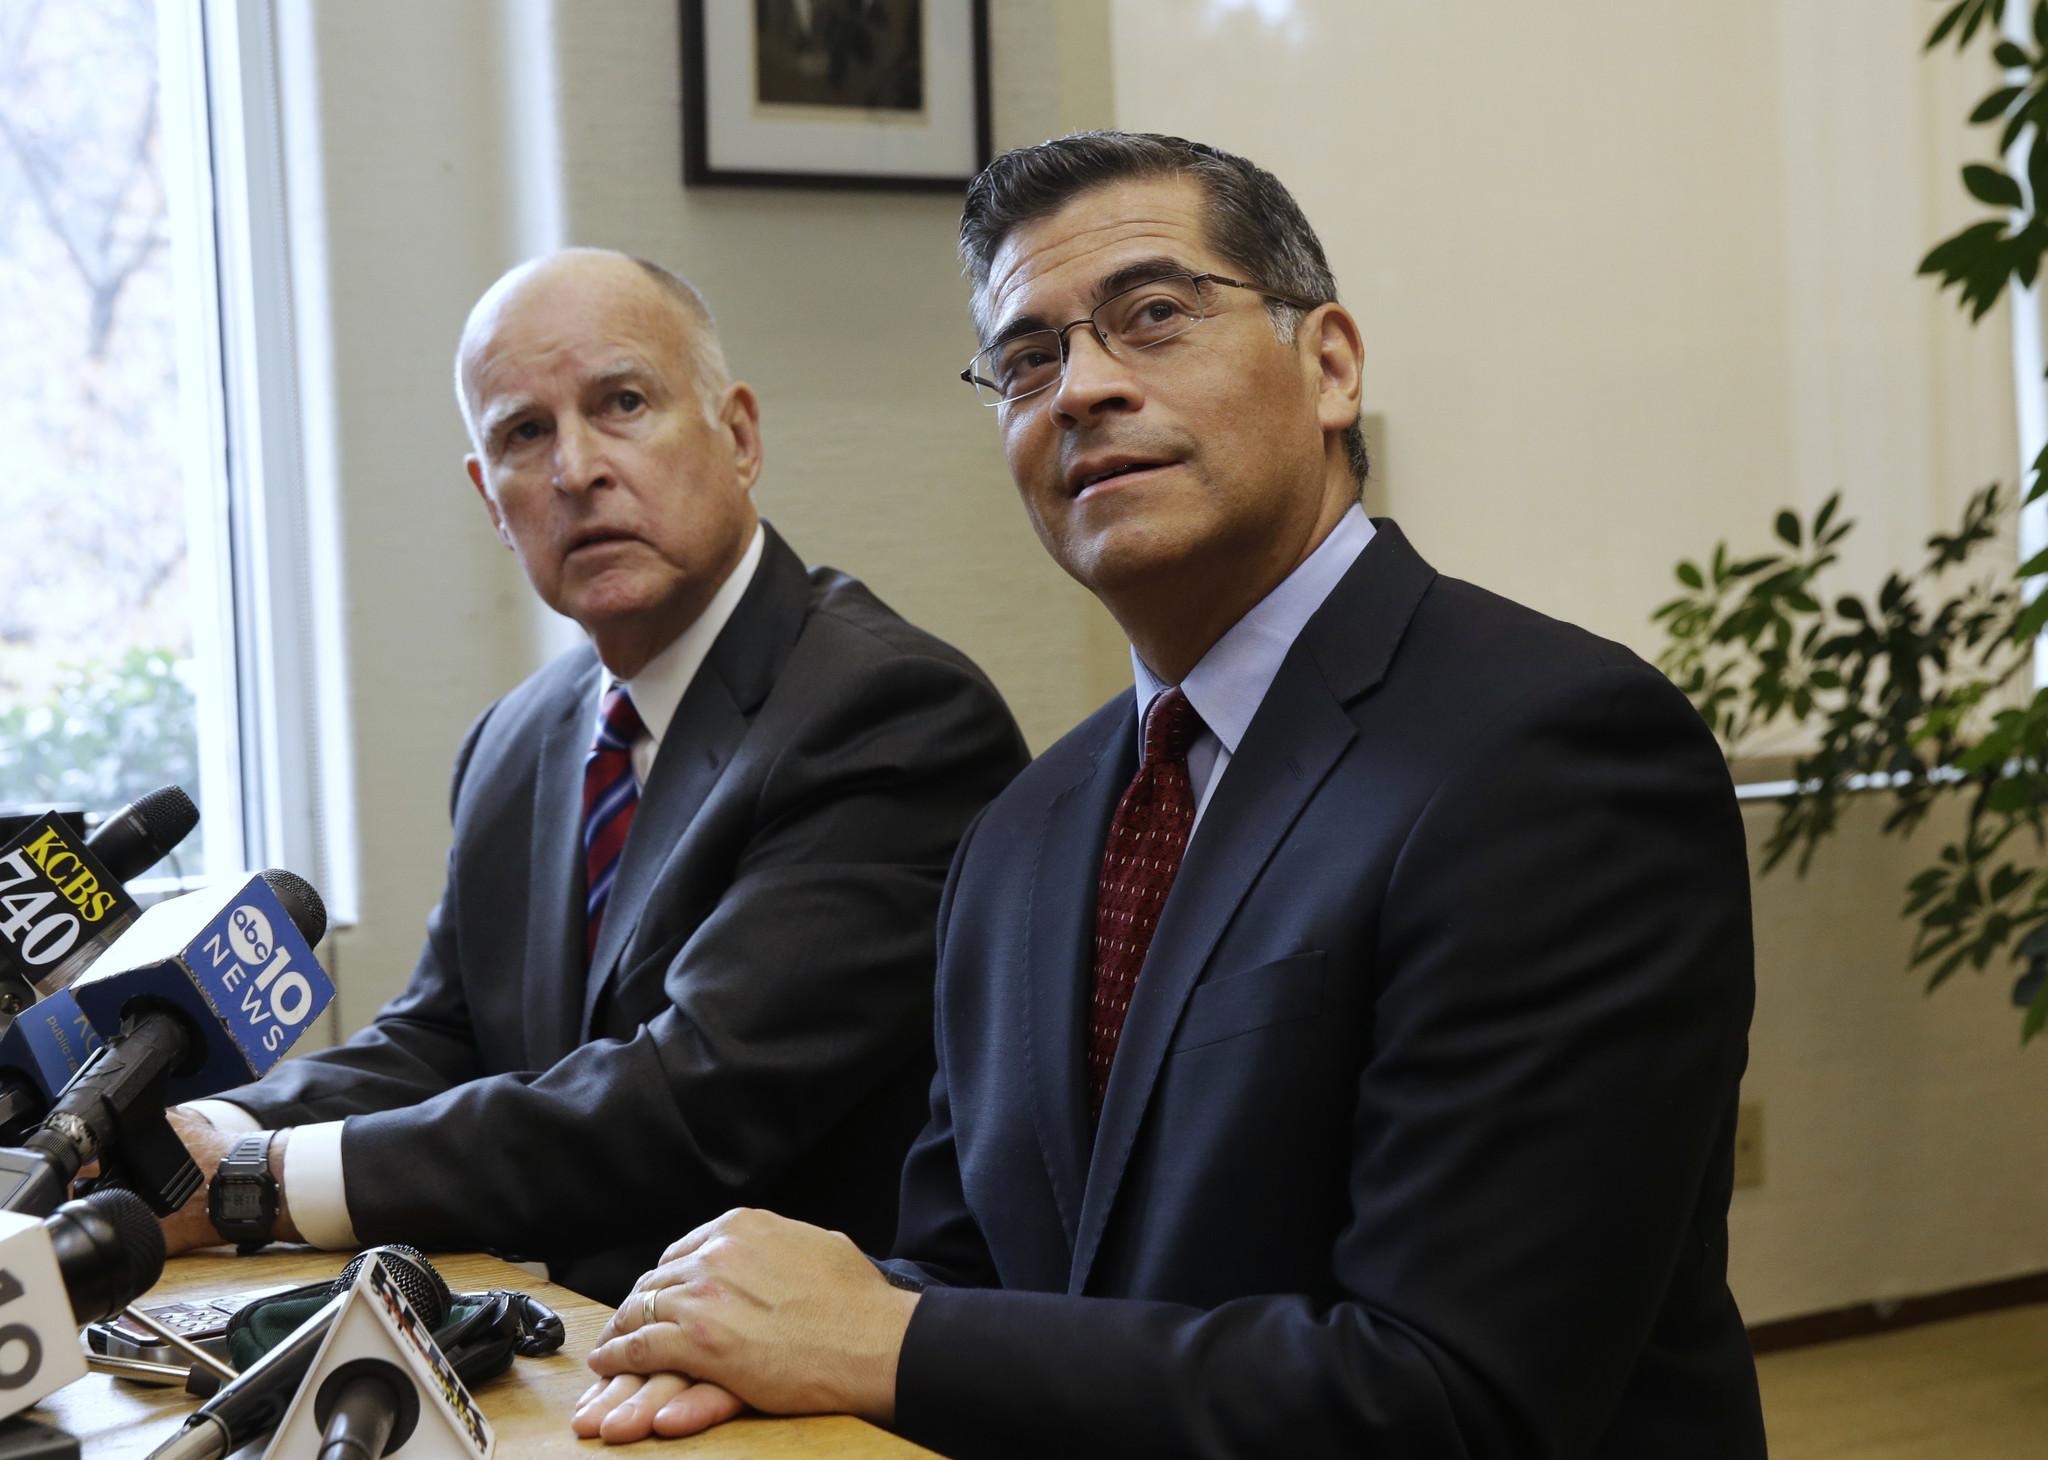 California attorney general nominee Xavier Becerra jabs Trump for proposing mass deportations, Muslim registry